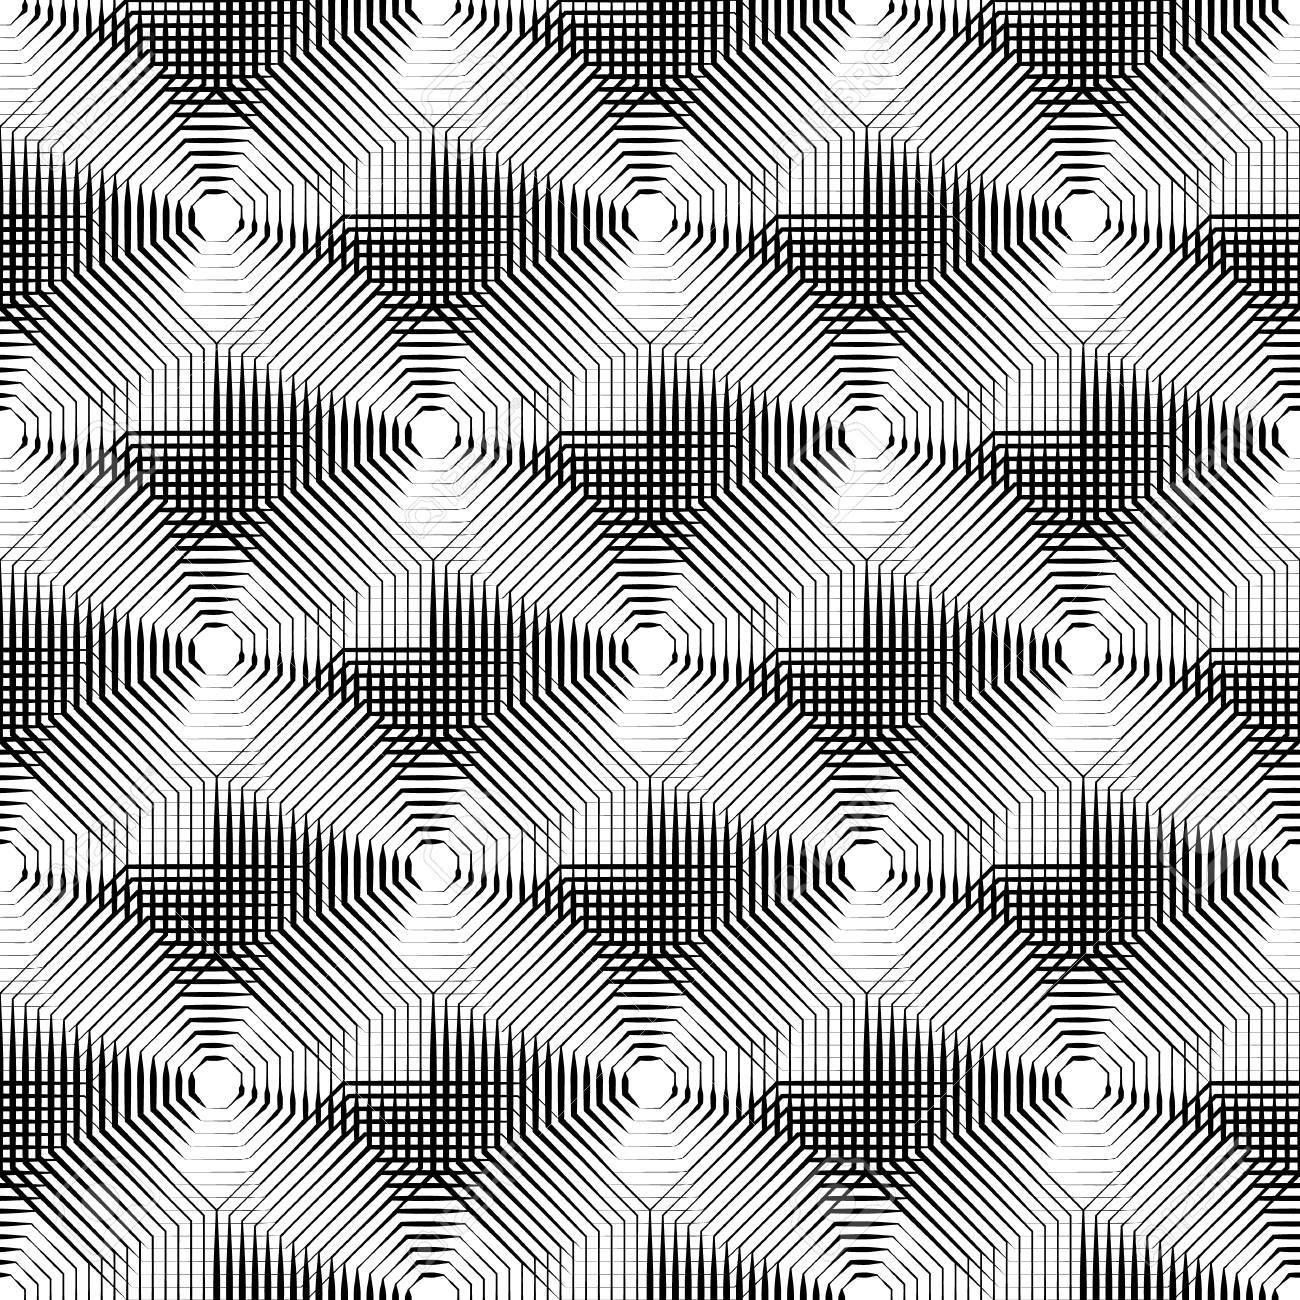 Disegni Geometrici Bianco E Nero sfondi cellulare bianco e nero – sfondo moderno